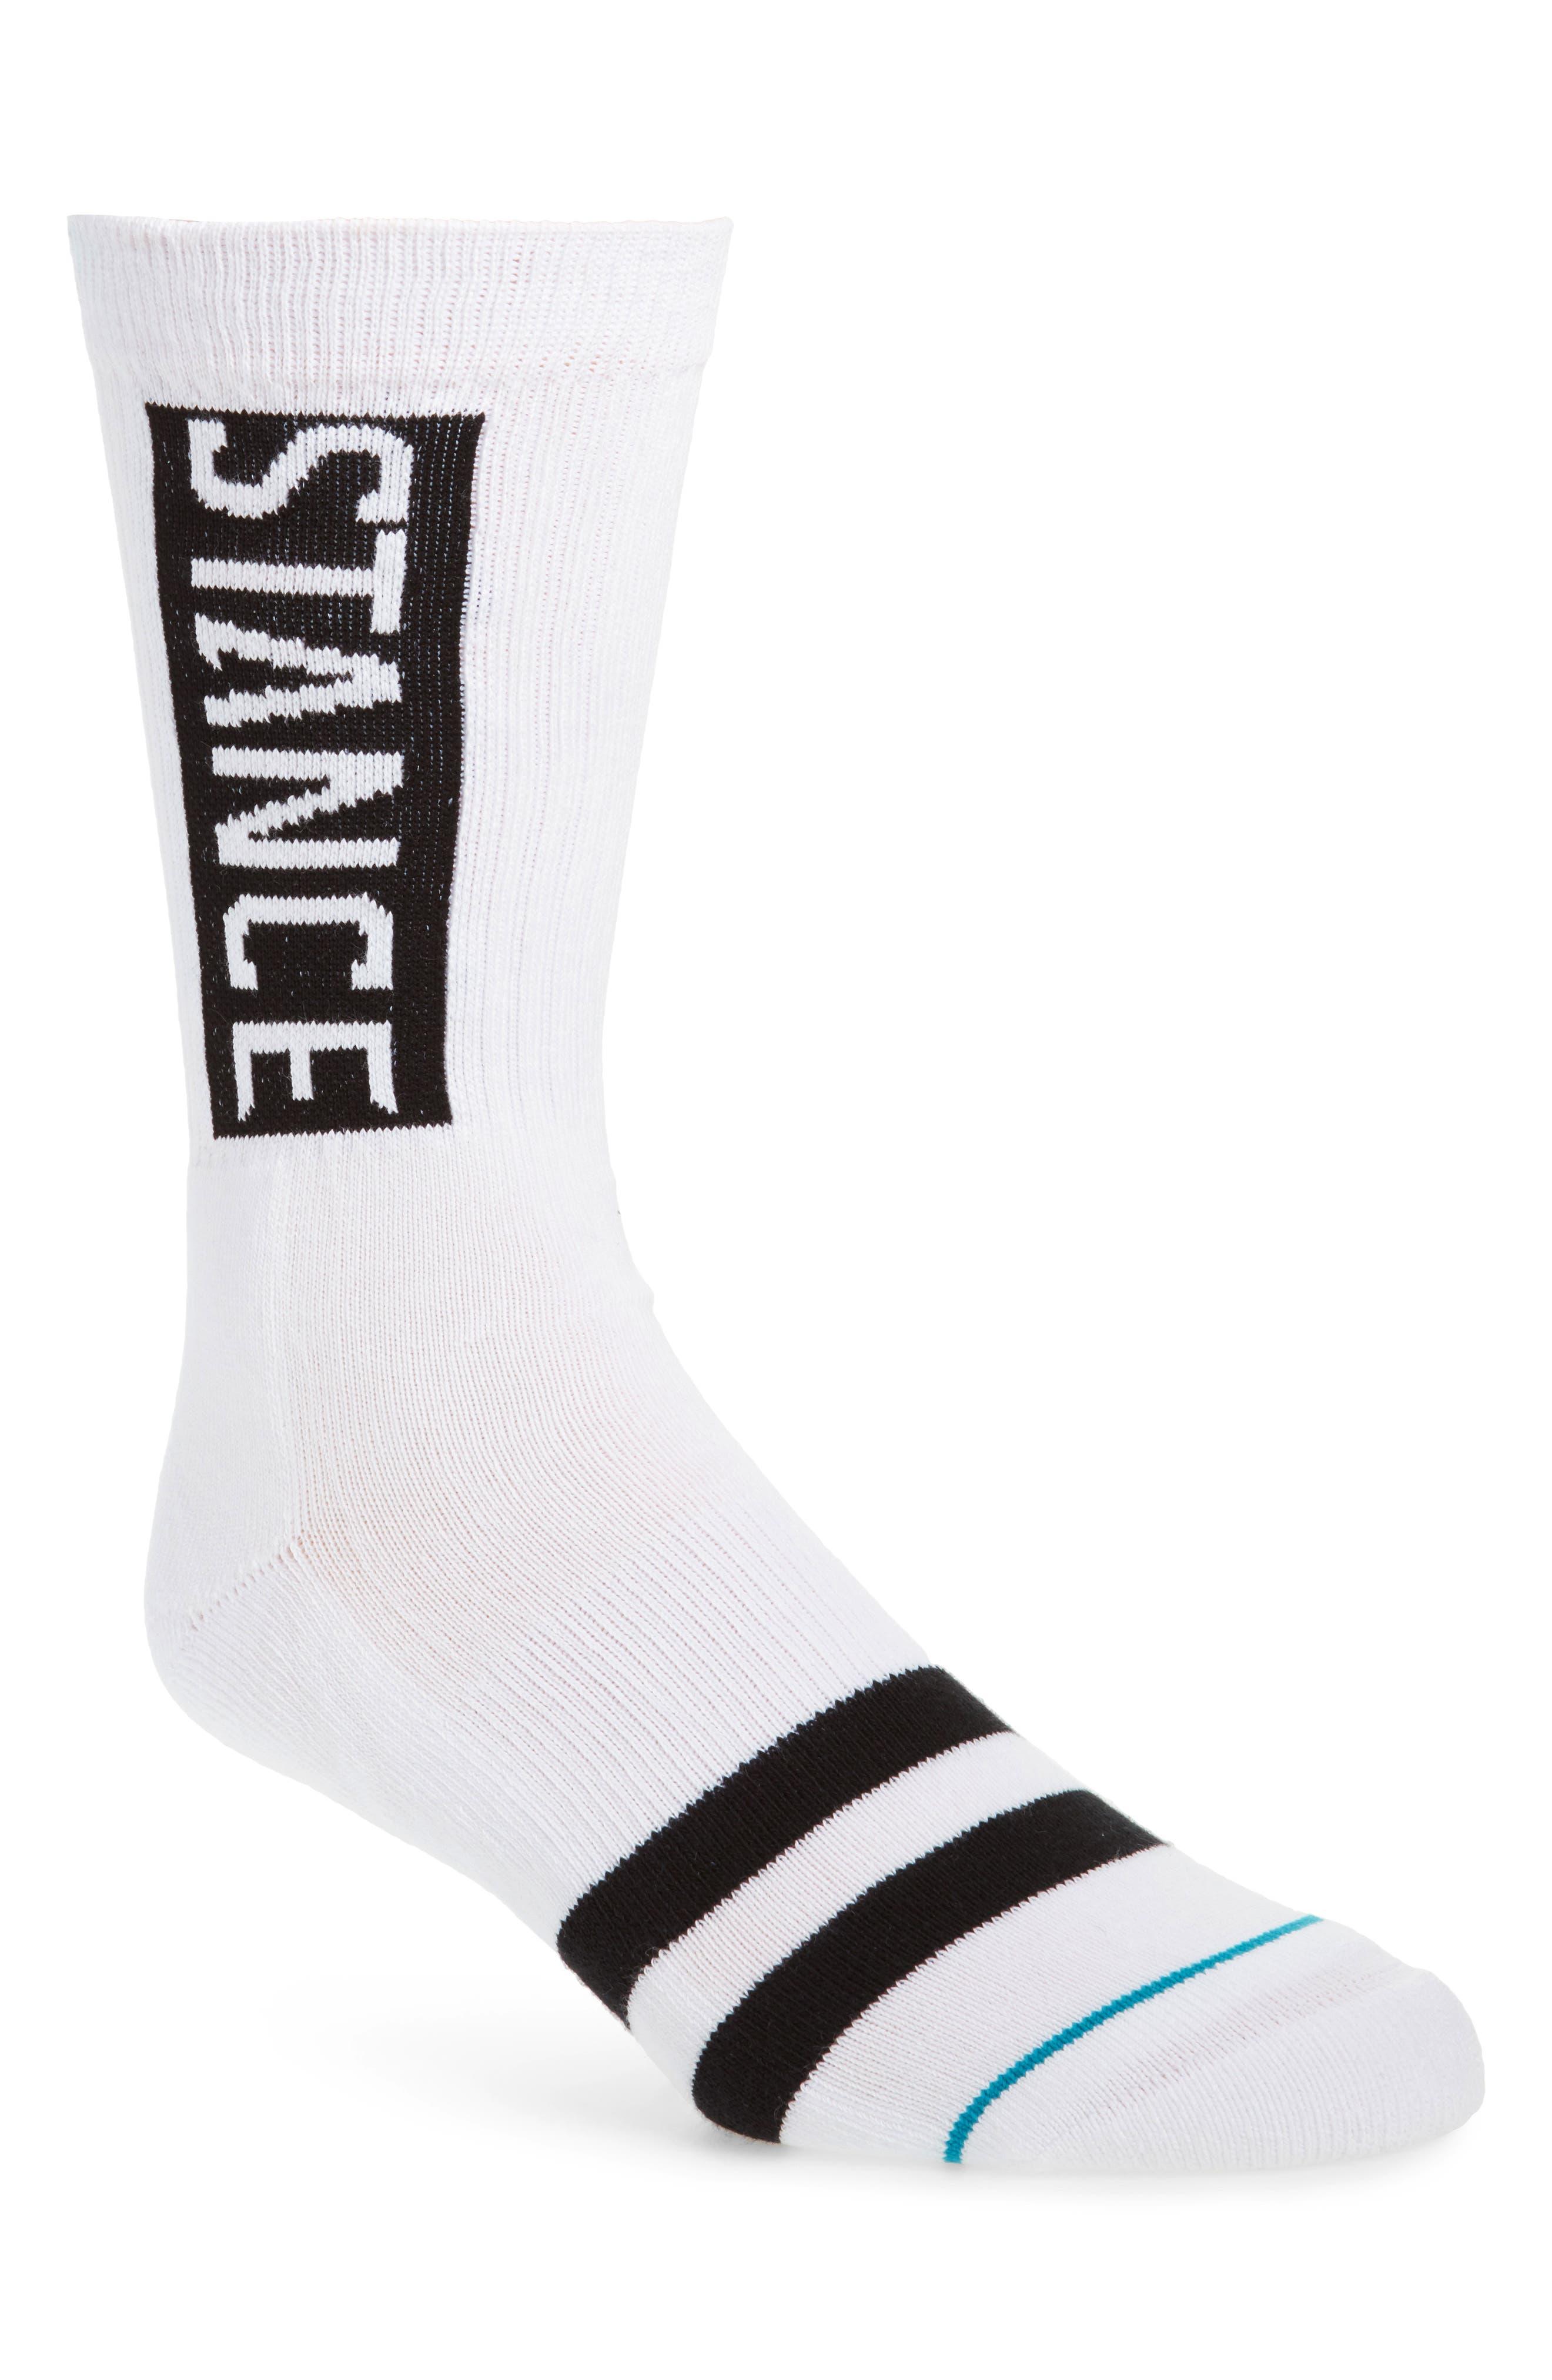 OG Crew Socks,                             Main thumbnail 1, color,                             WHITE